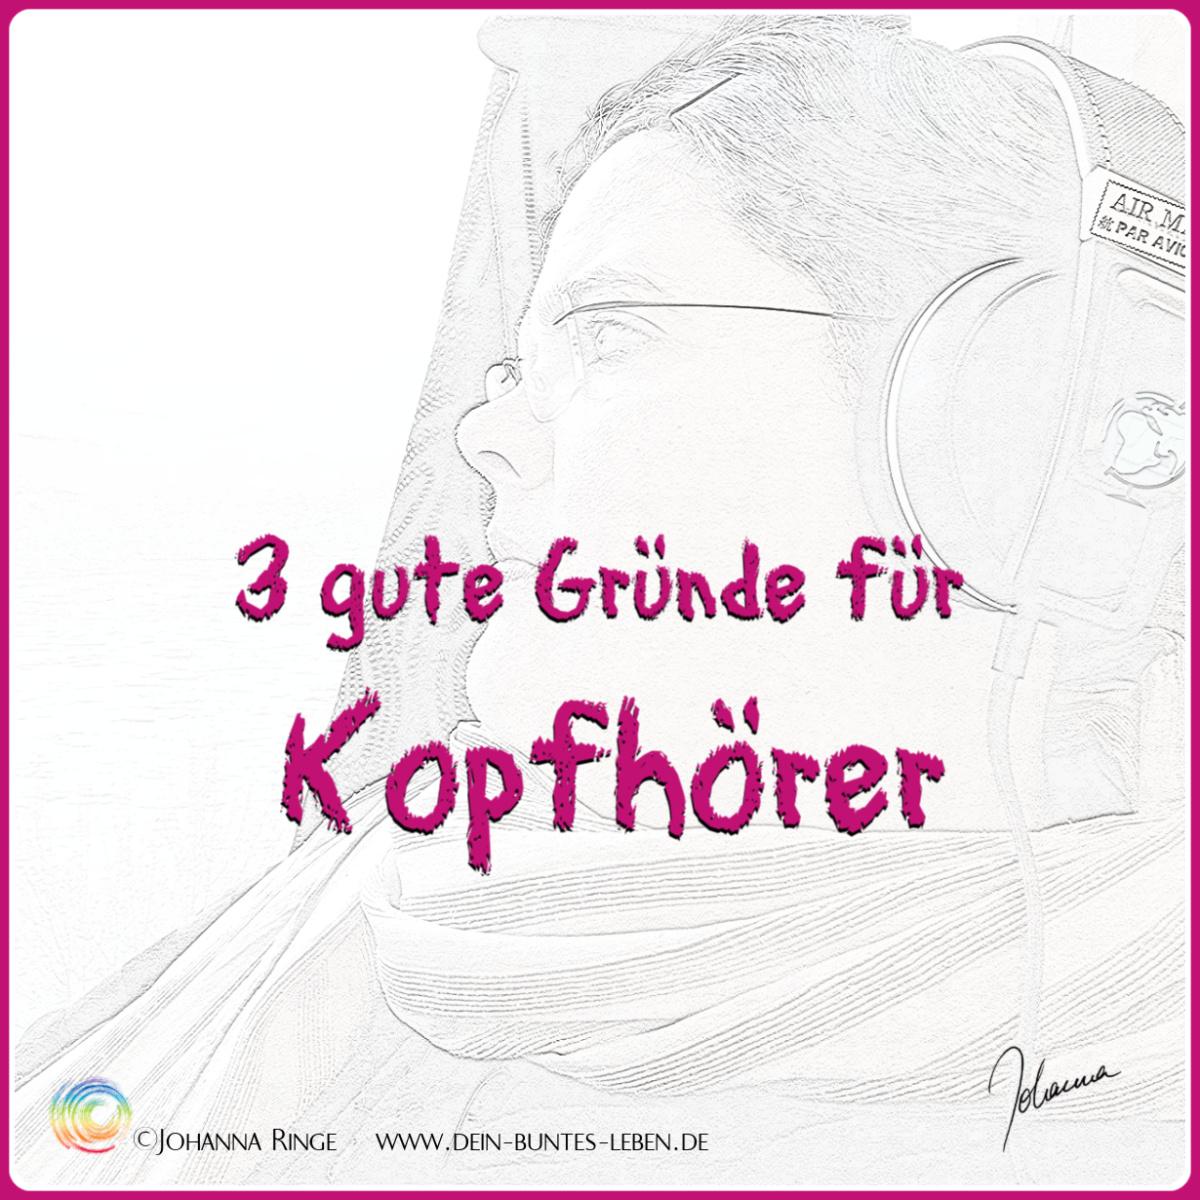 3 gute Gründe für Kopfhörer. Text über blassem Foto von J. mit Kopfhörer im Zug. ©Johanna Ringe 2019 www.dein-buntes-leben.de